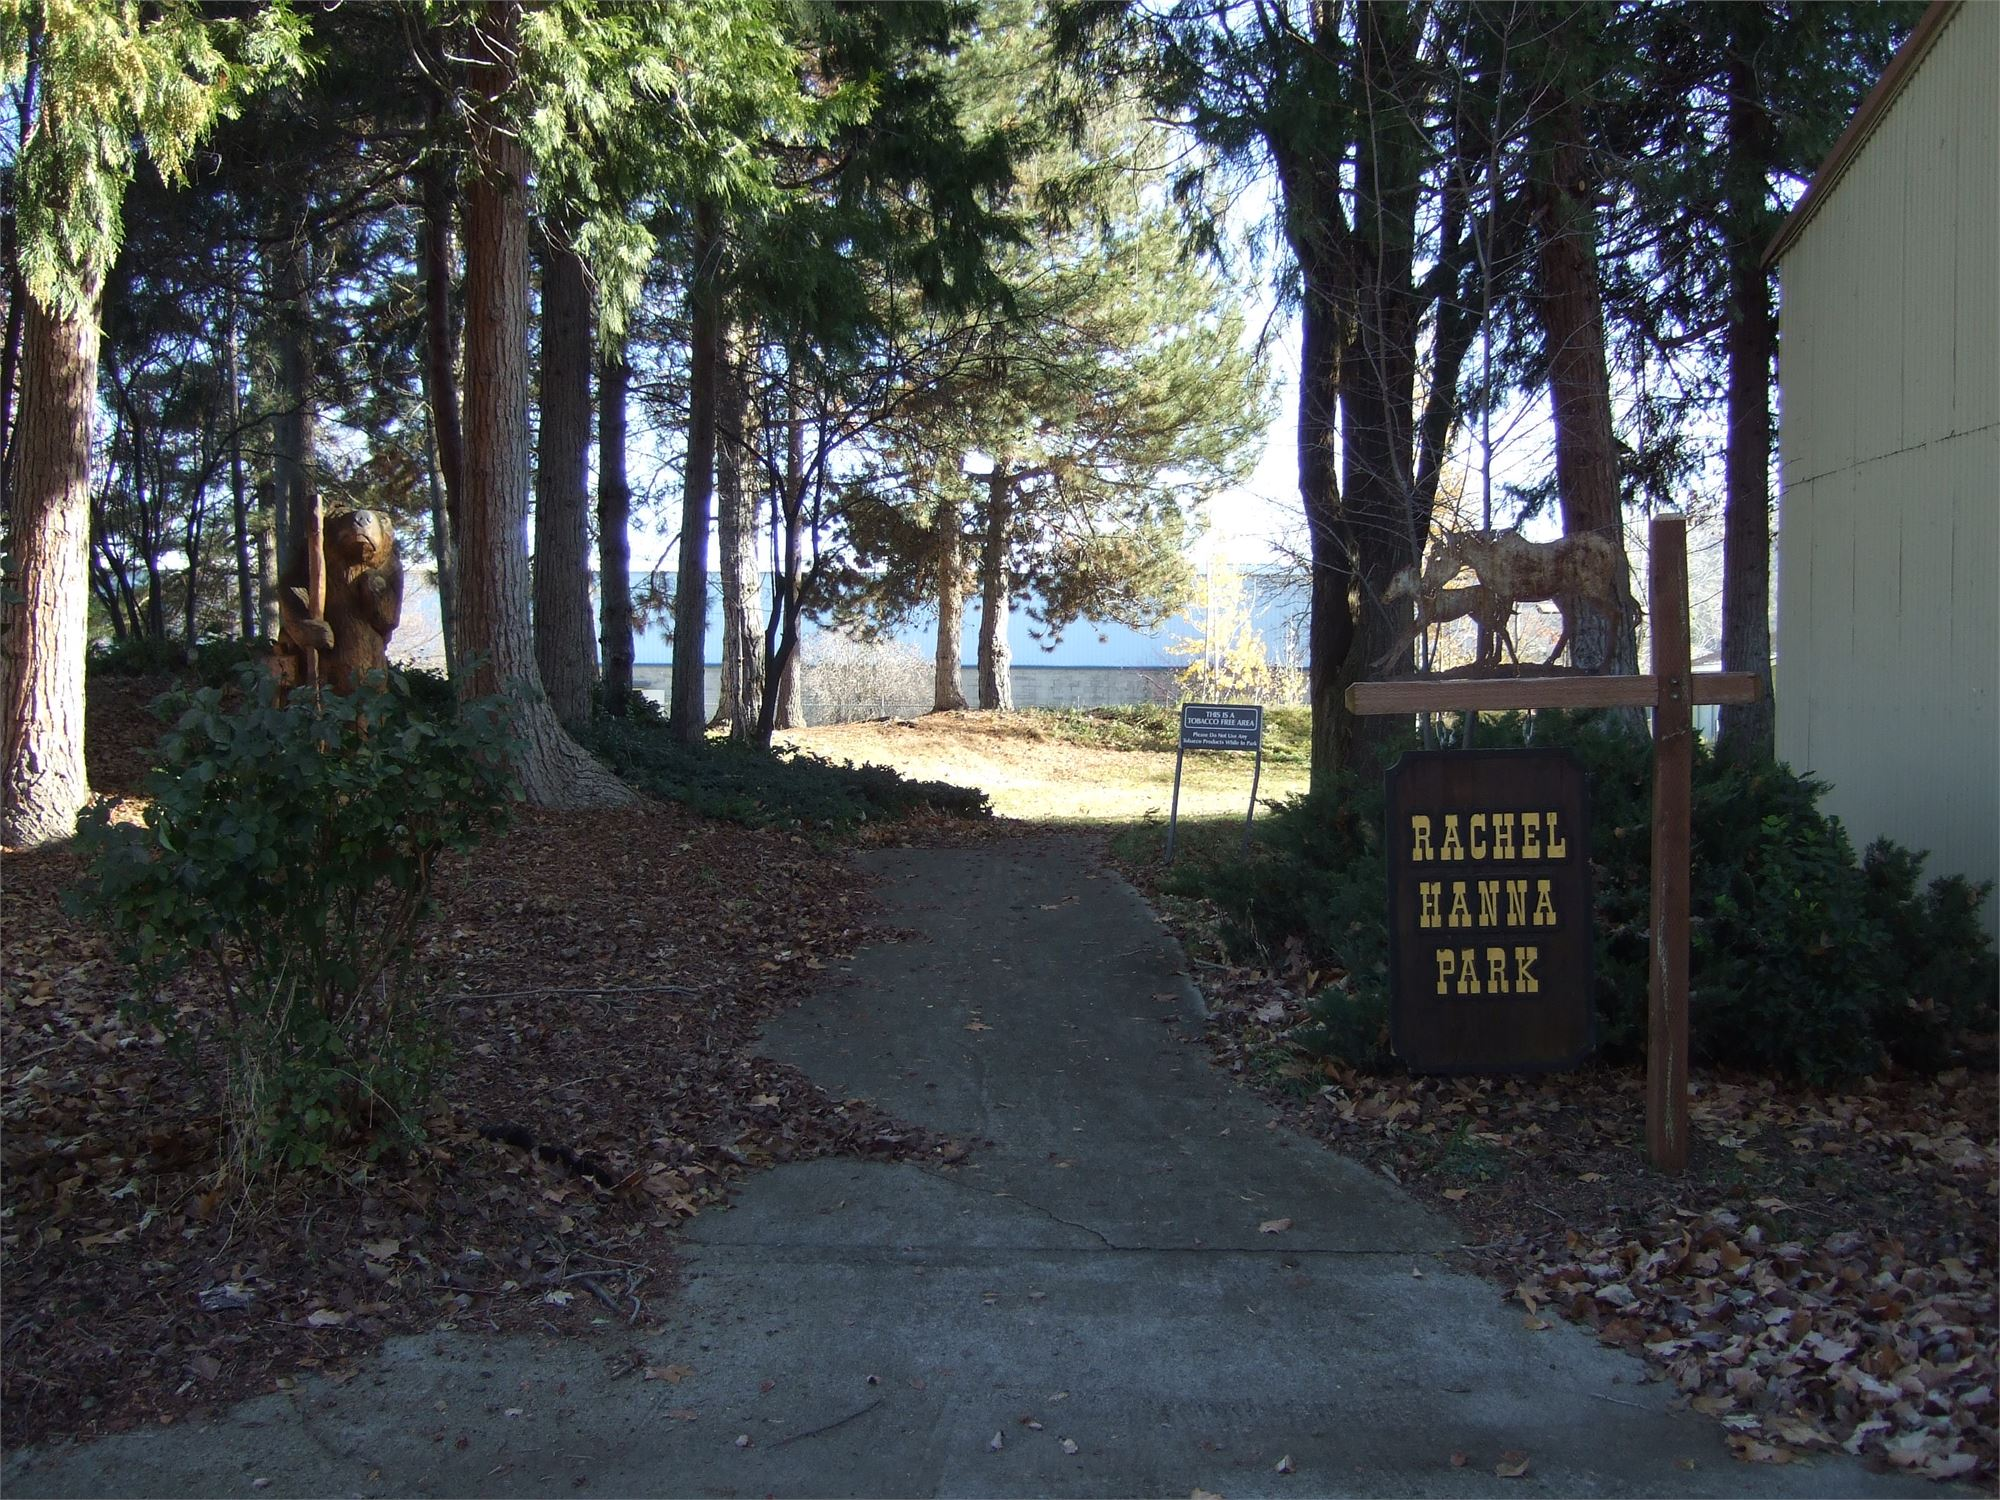 Rachel's Park